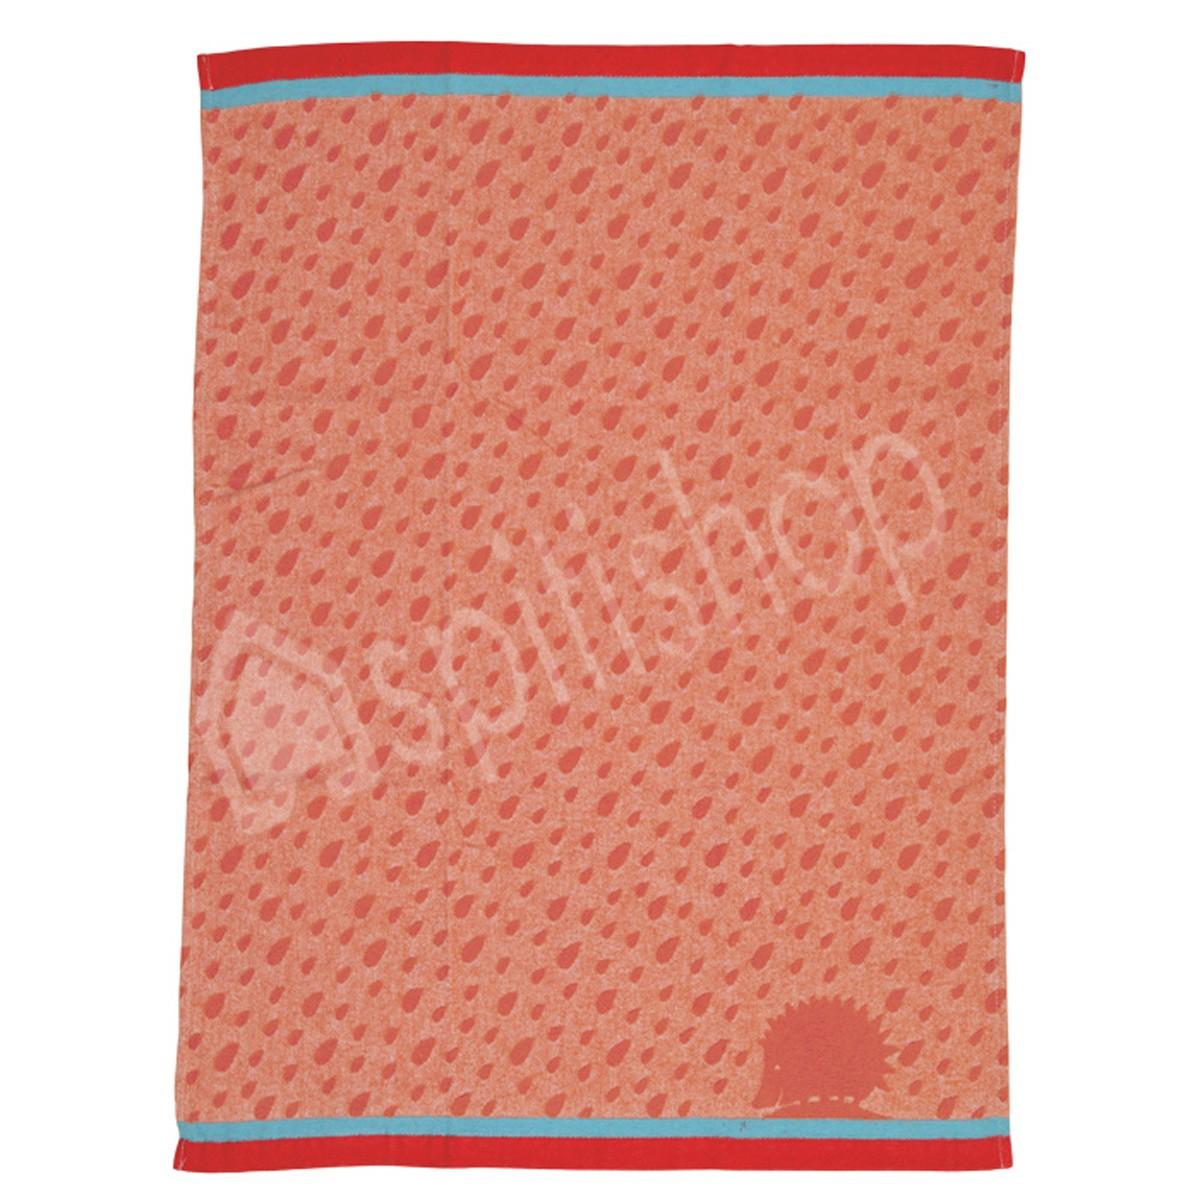 Κουβέρτα Fleece Αγκαλιάς David Fussenegger Ida 2808/73 home   βρεφικά   κουβέρτες βρεφικές   κουβέρτες fleece